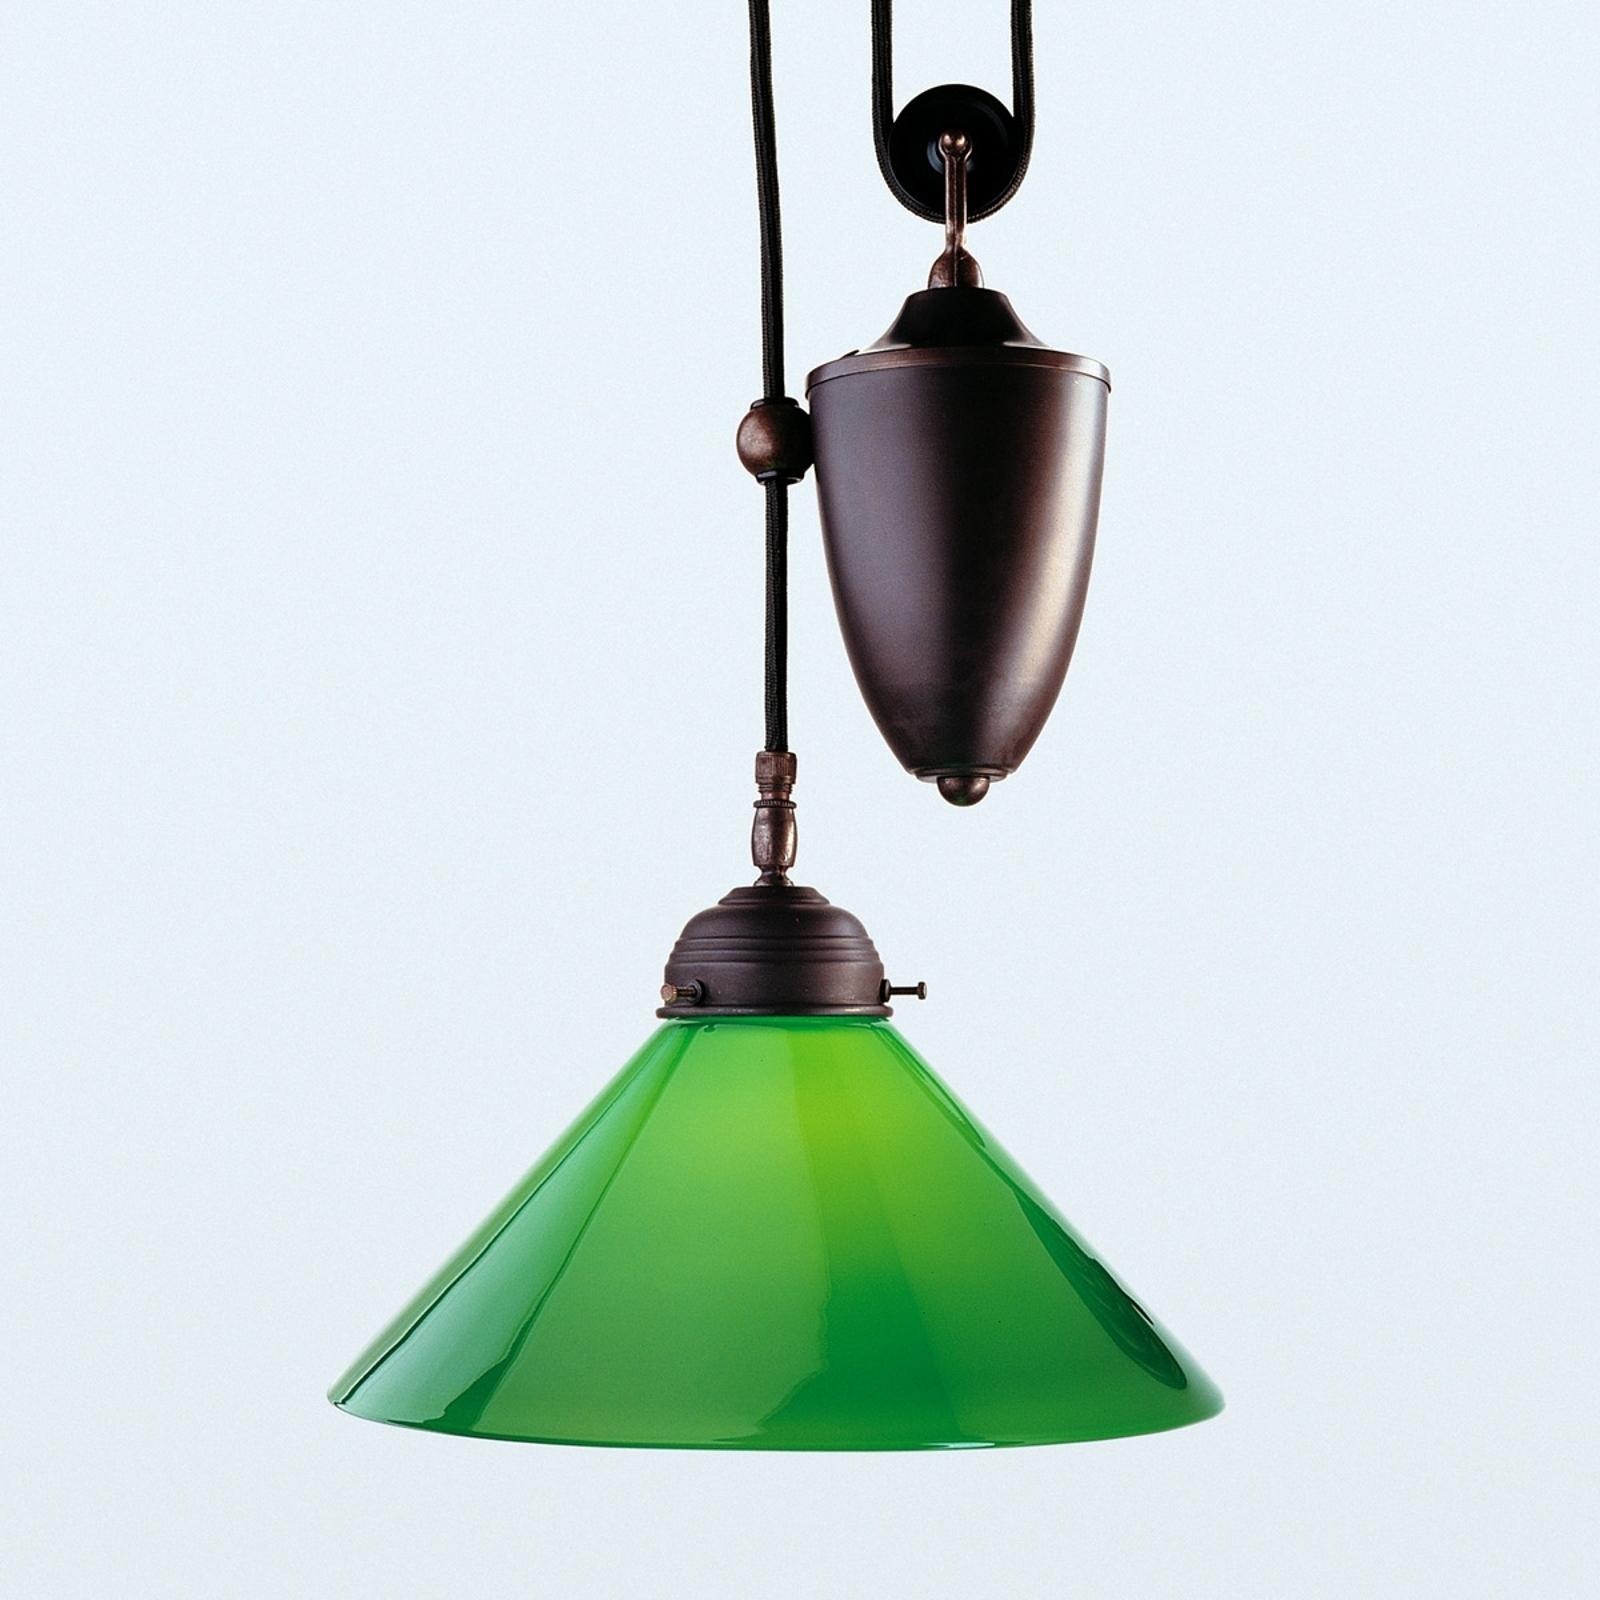 Lampa wisząca Jonas antyczne kolory, zielony klosz